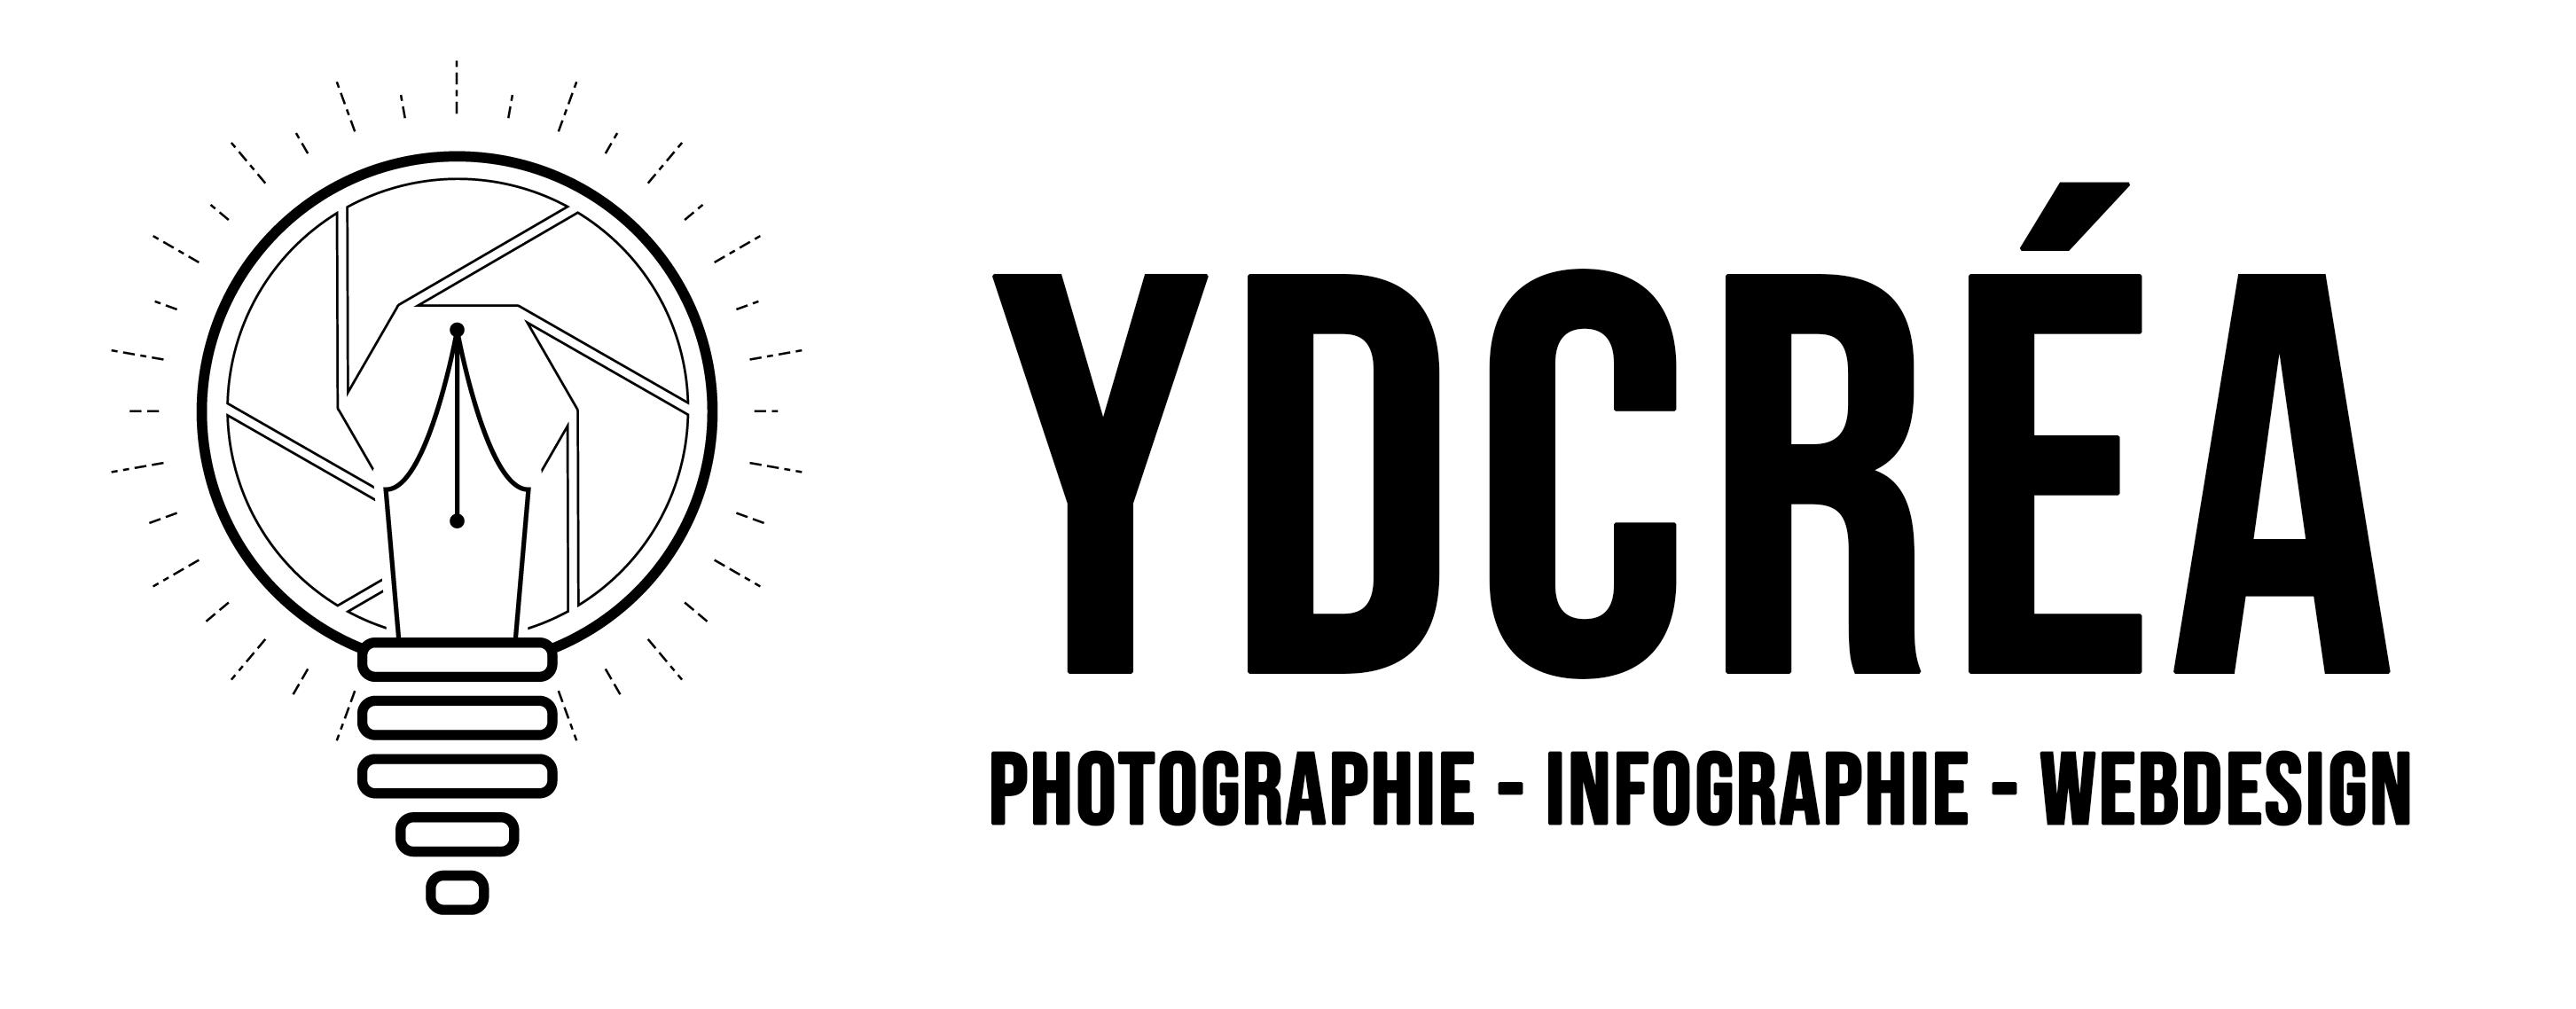 YDCréa - Photographe - Infographiste - Webdesigner